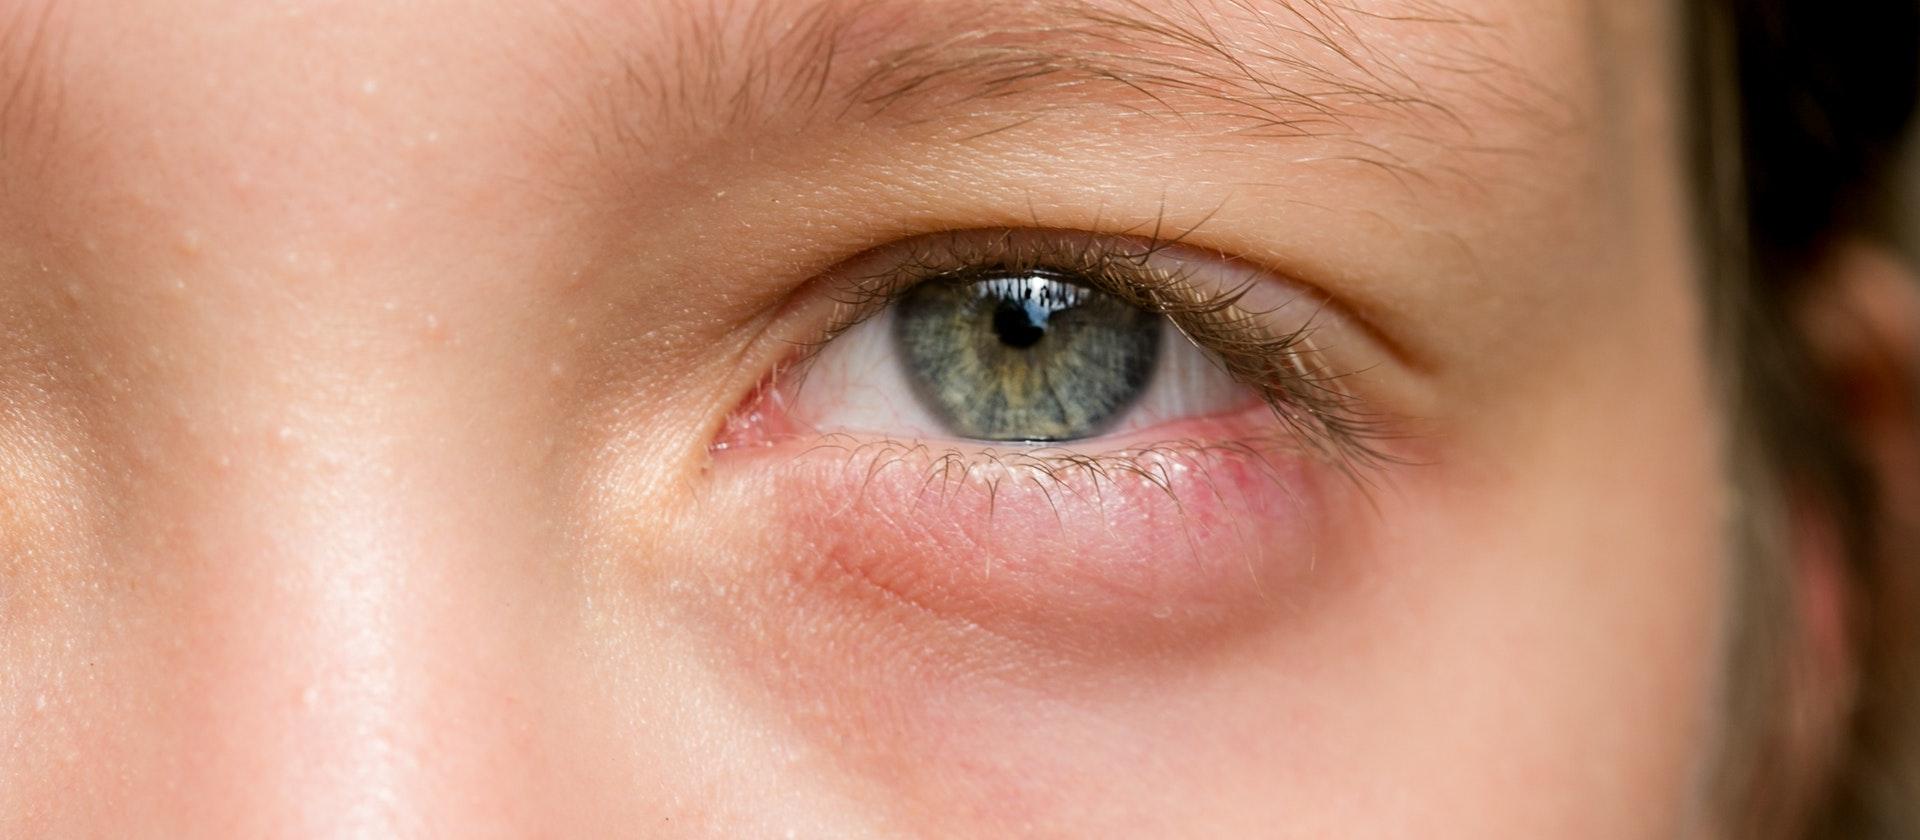 डोळ्यांची सूज कमी करण्यासाठी...